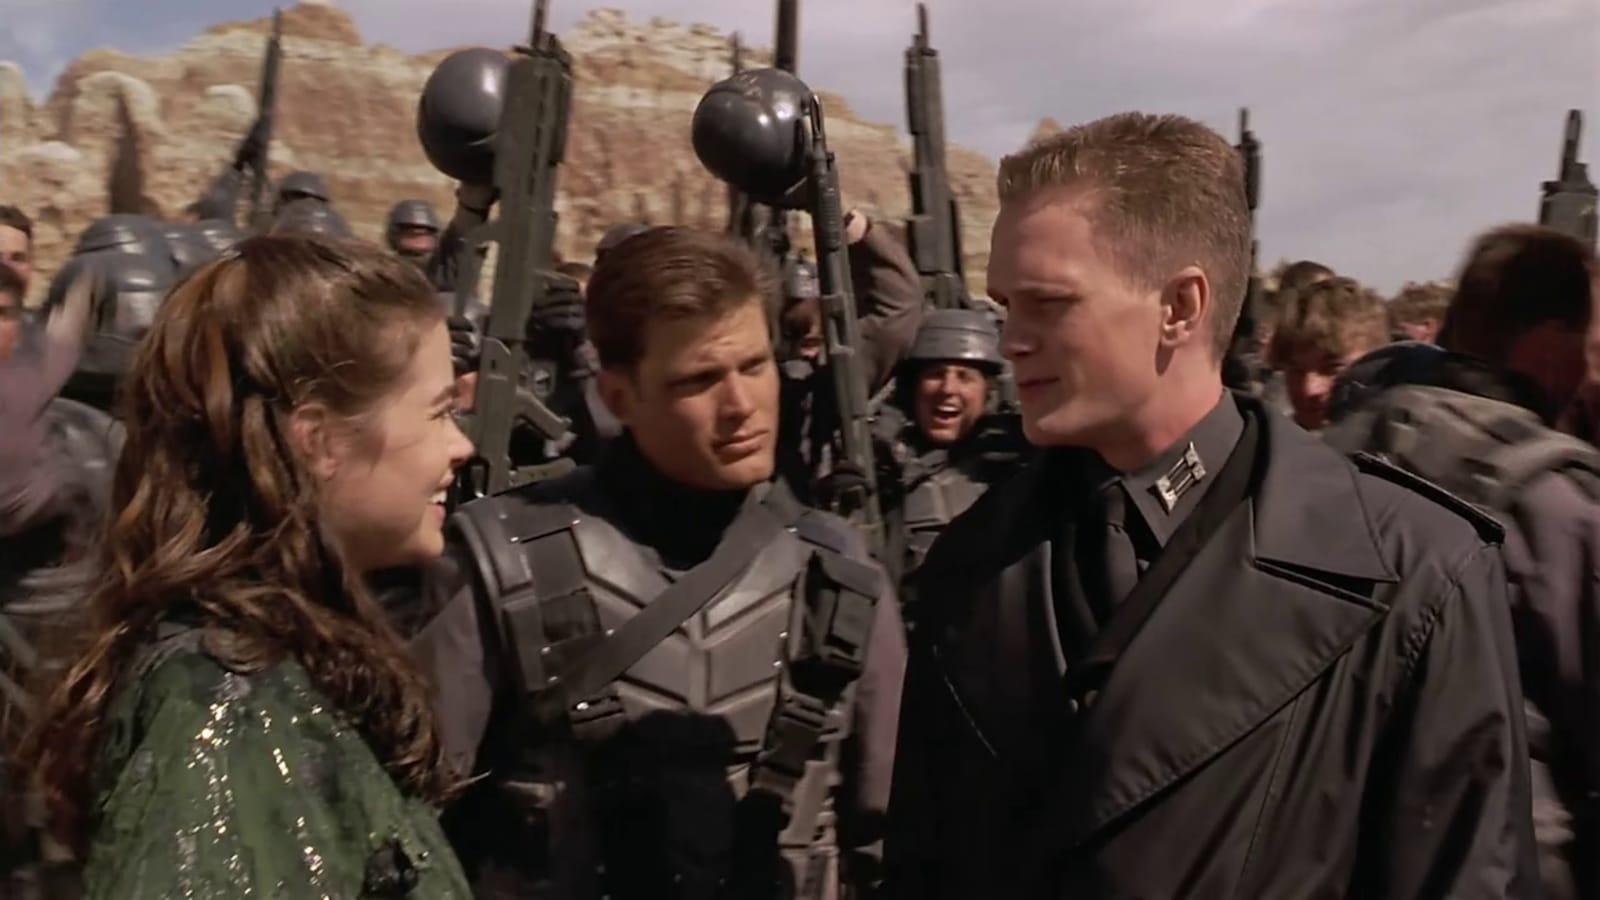 Une jeune femme parle à un jeune soldat, entouré d'autres hommes en tenues de combat.